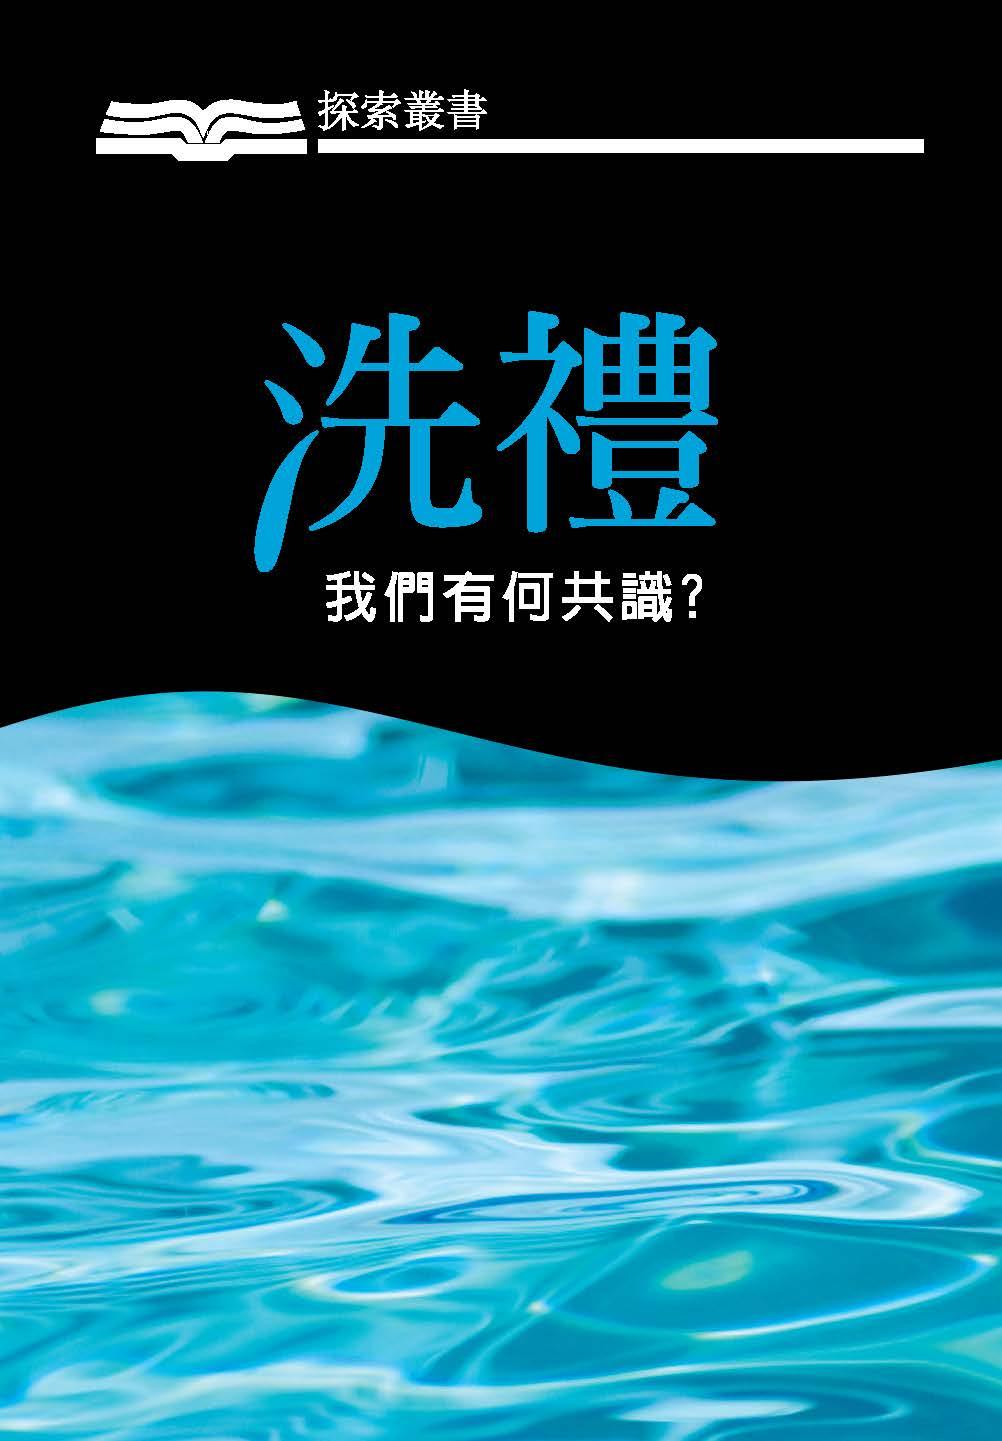 洗禮:我們有何共識? | 靈命日糧繁體中文網站